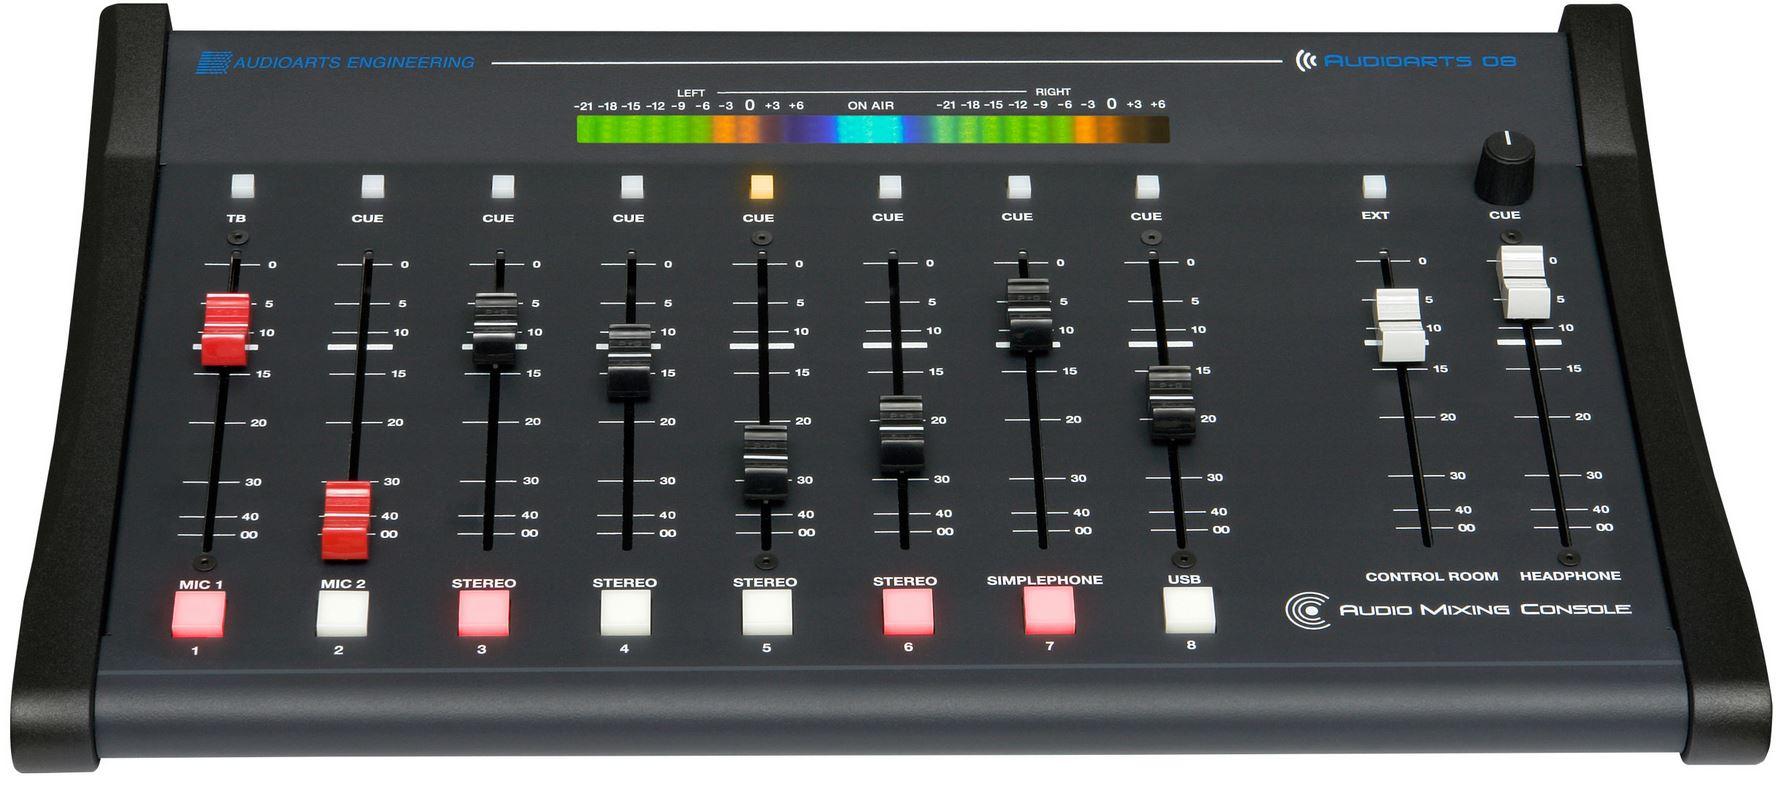 Audioarts 08 Console